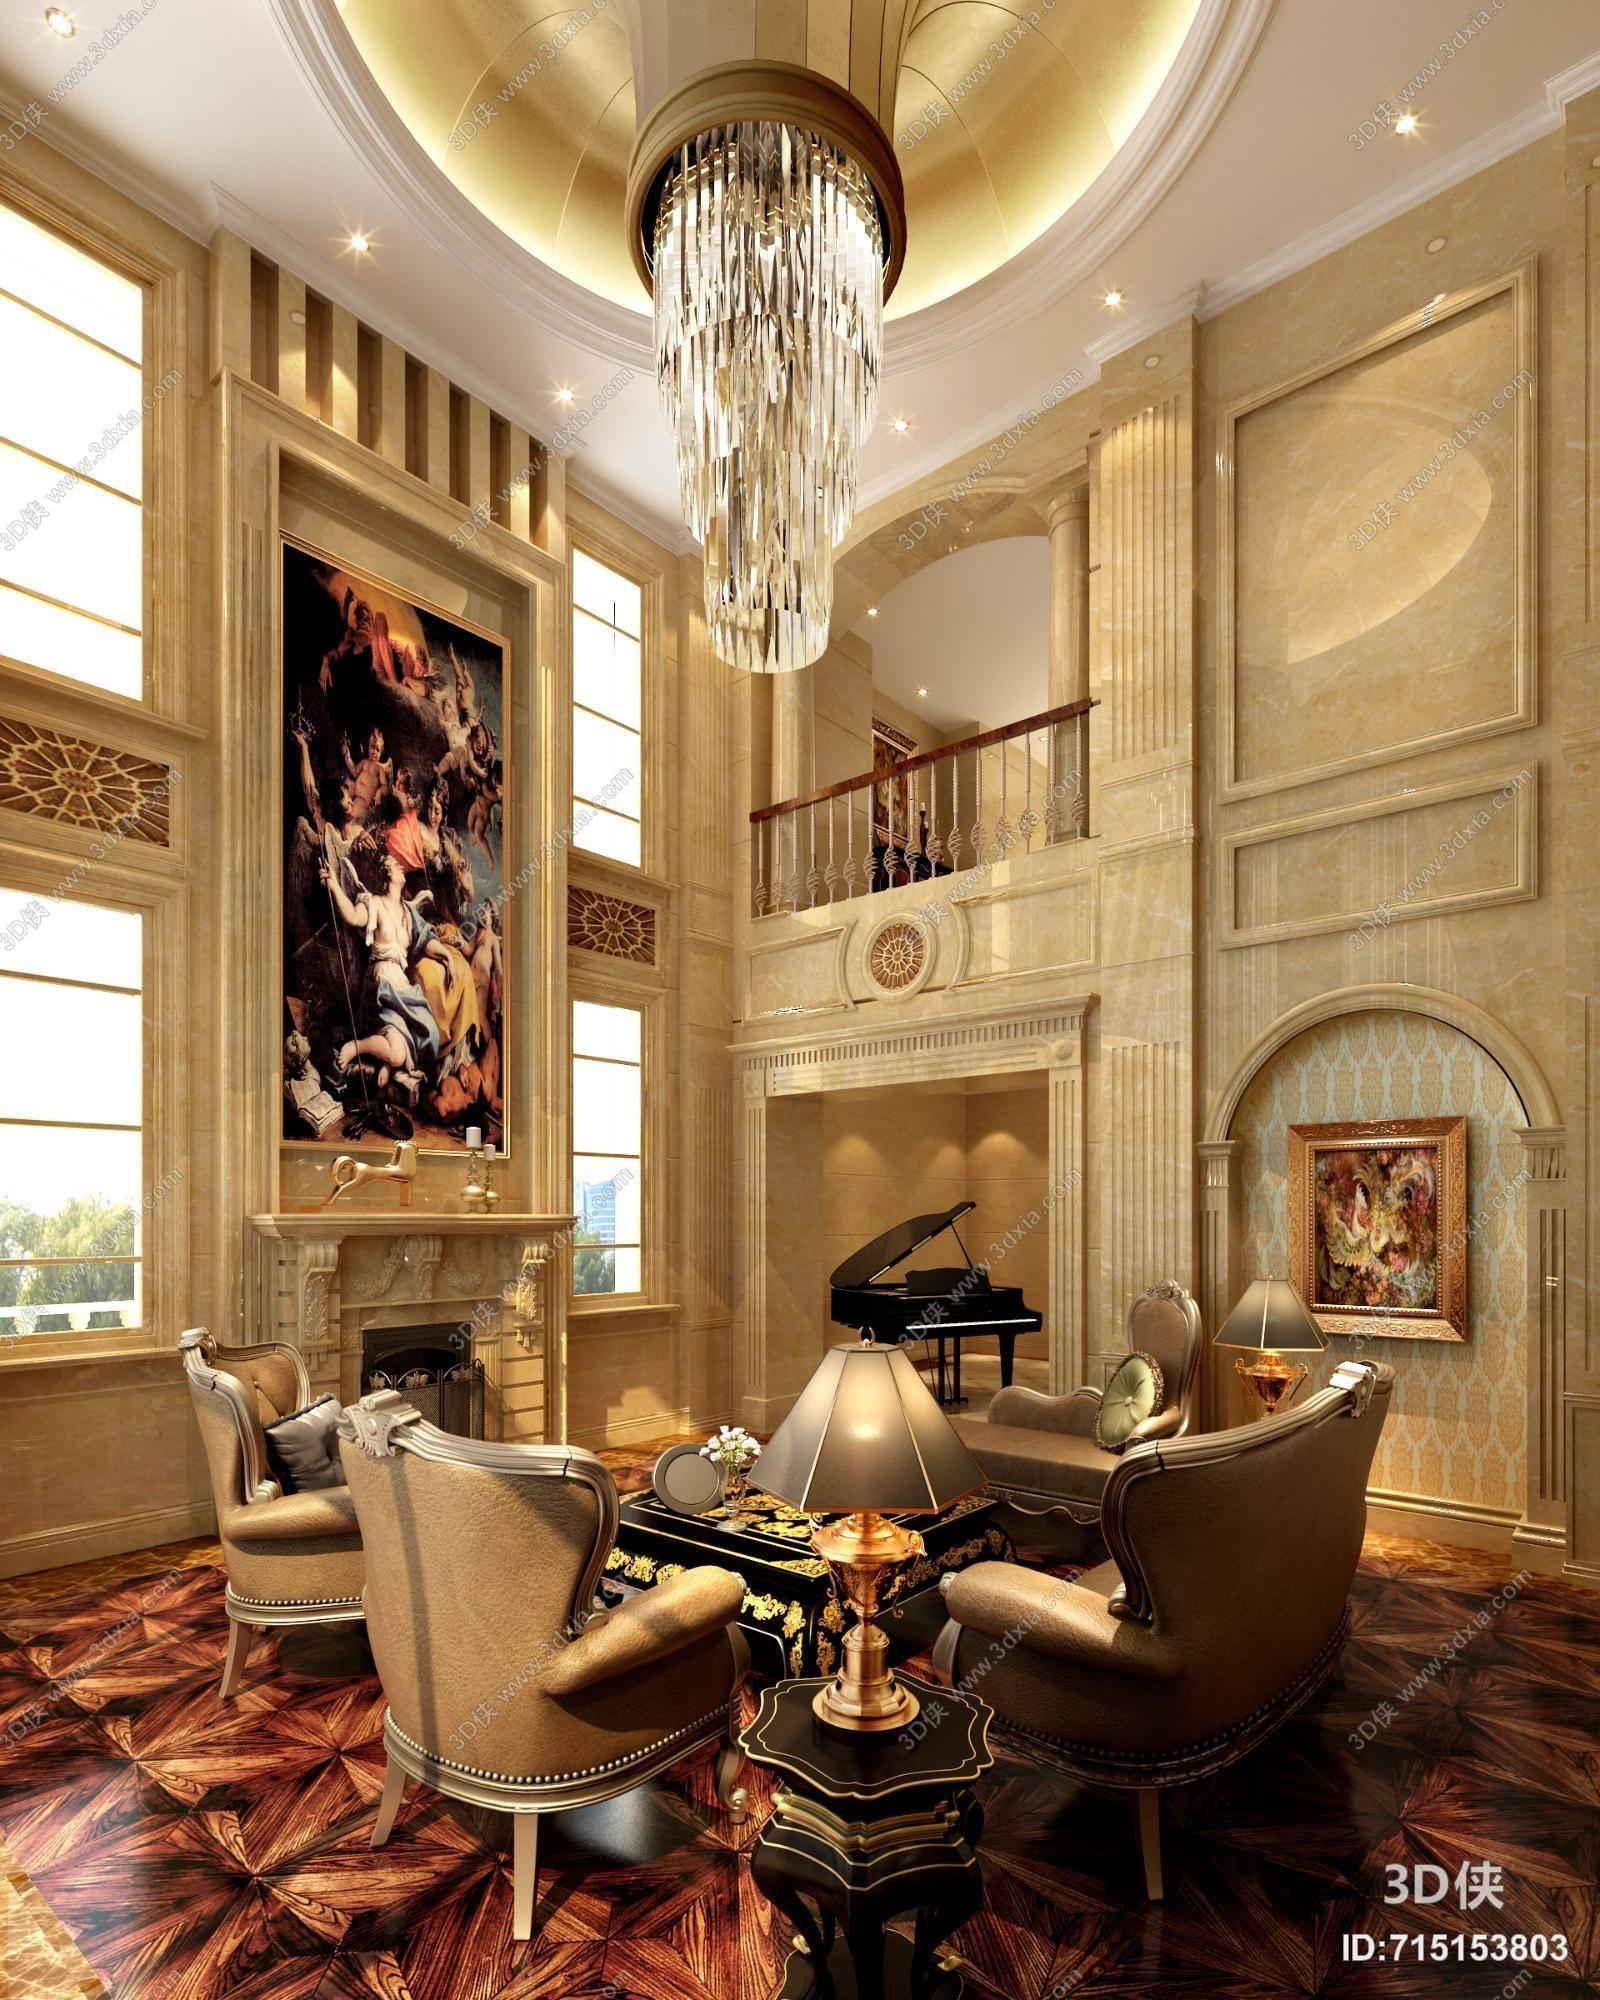 欧式古典别墅客厅 欧式古典水晶吊灯 欧式古典金属台灯 米色大理石